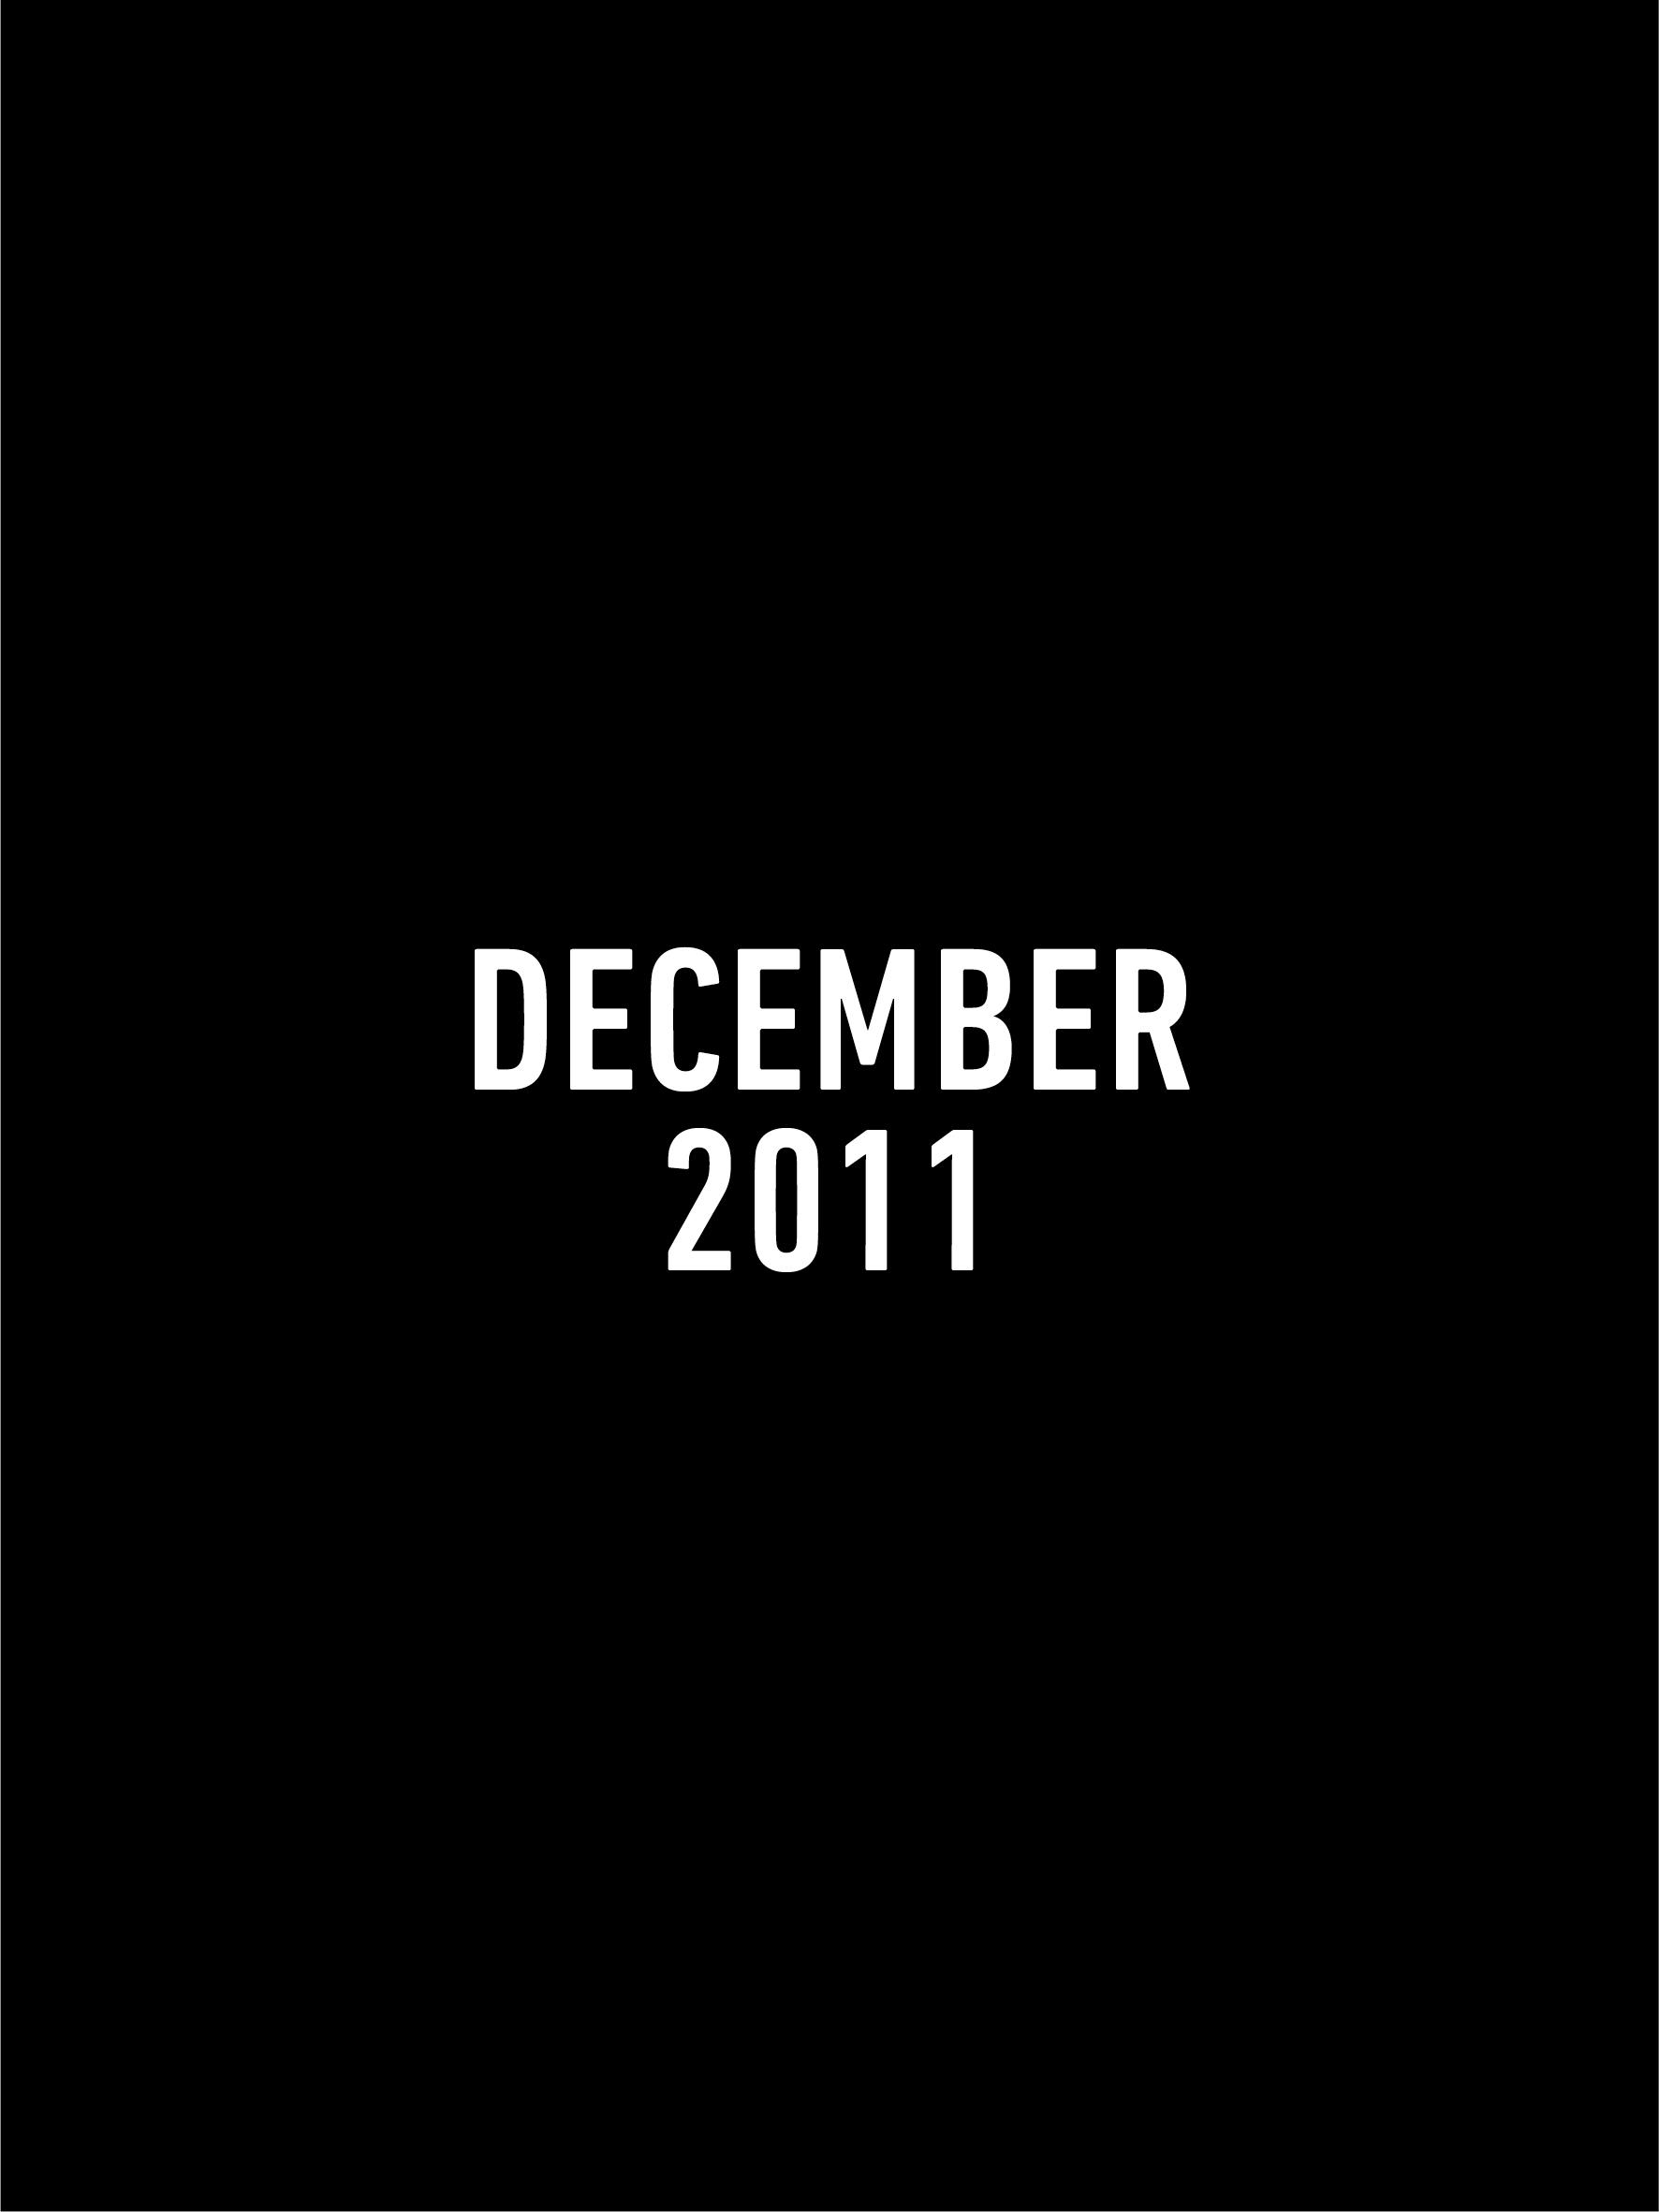 2011 months12.jpg